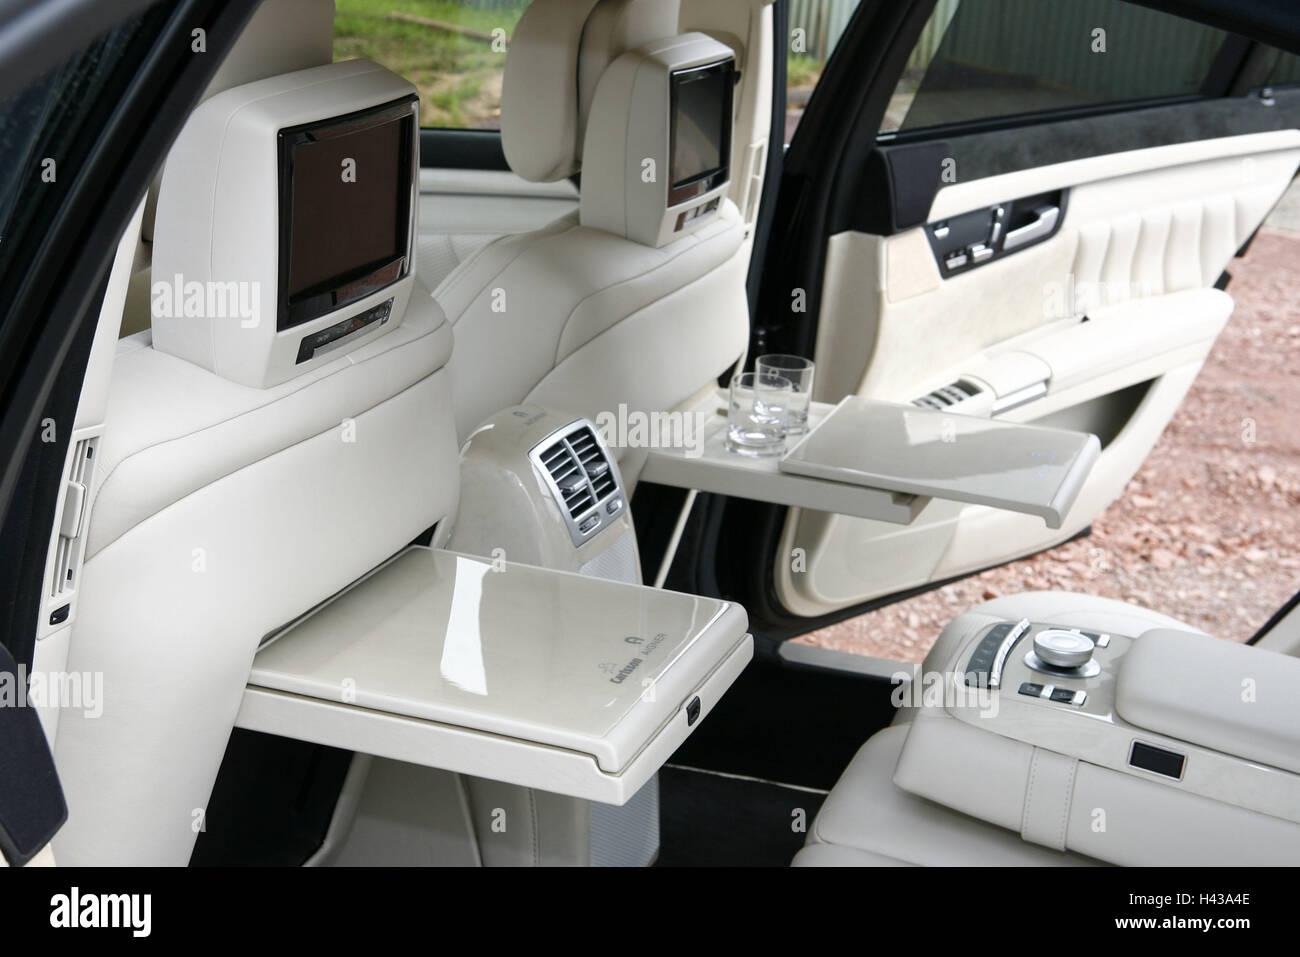 les voitures de luxe carlsson aigner s class le sol lintrieur vhicules voiture quipement intrieur intrieur intrieur cuir quipement